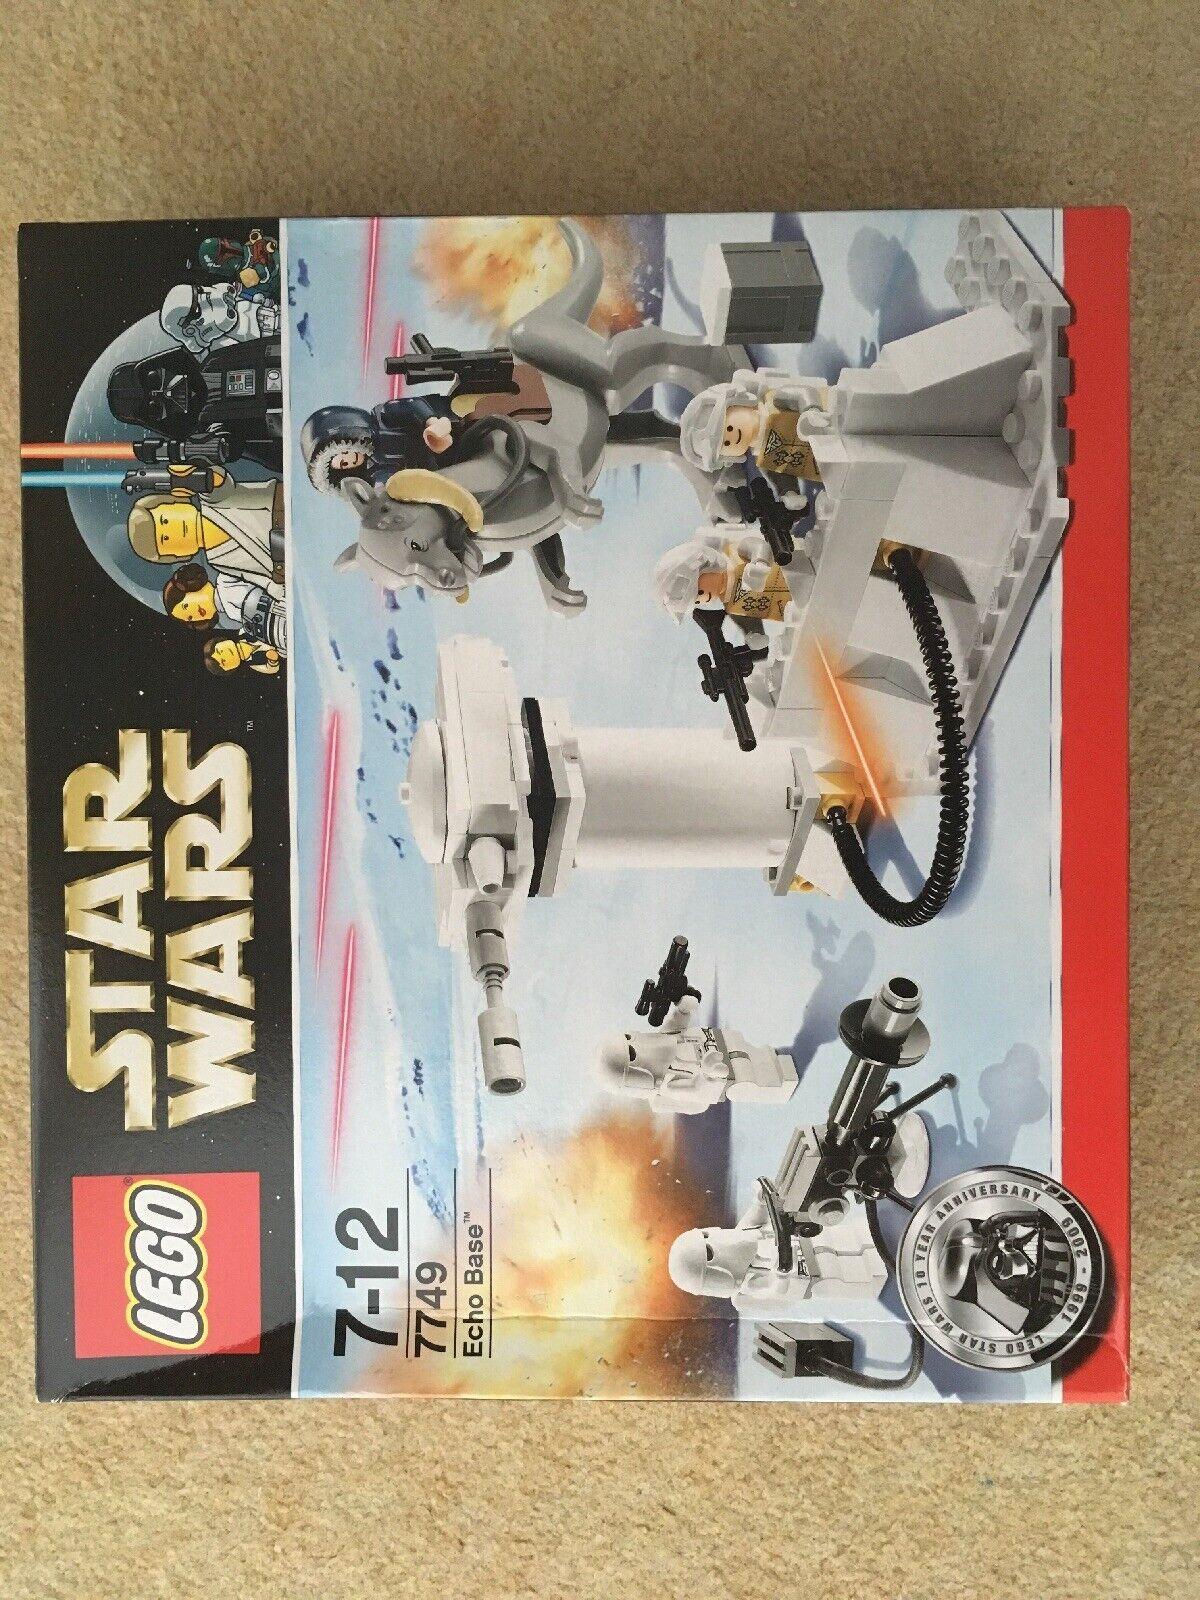 Lego Star wars - 7749 Echo Base - 2009 Set B - BNISB